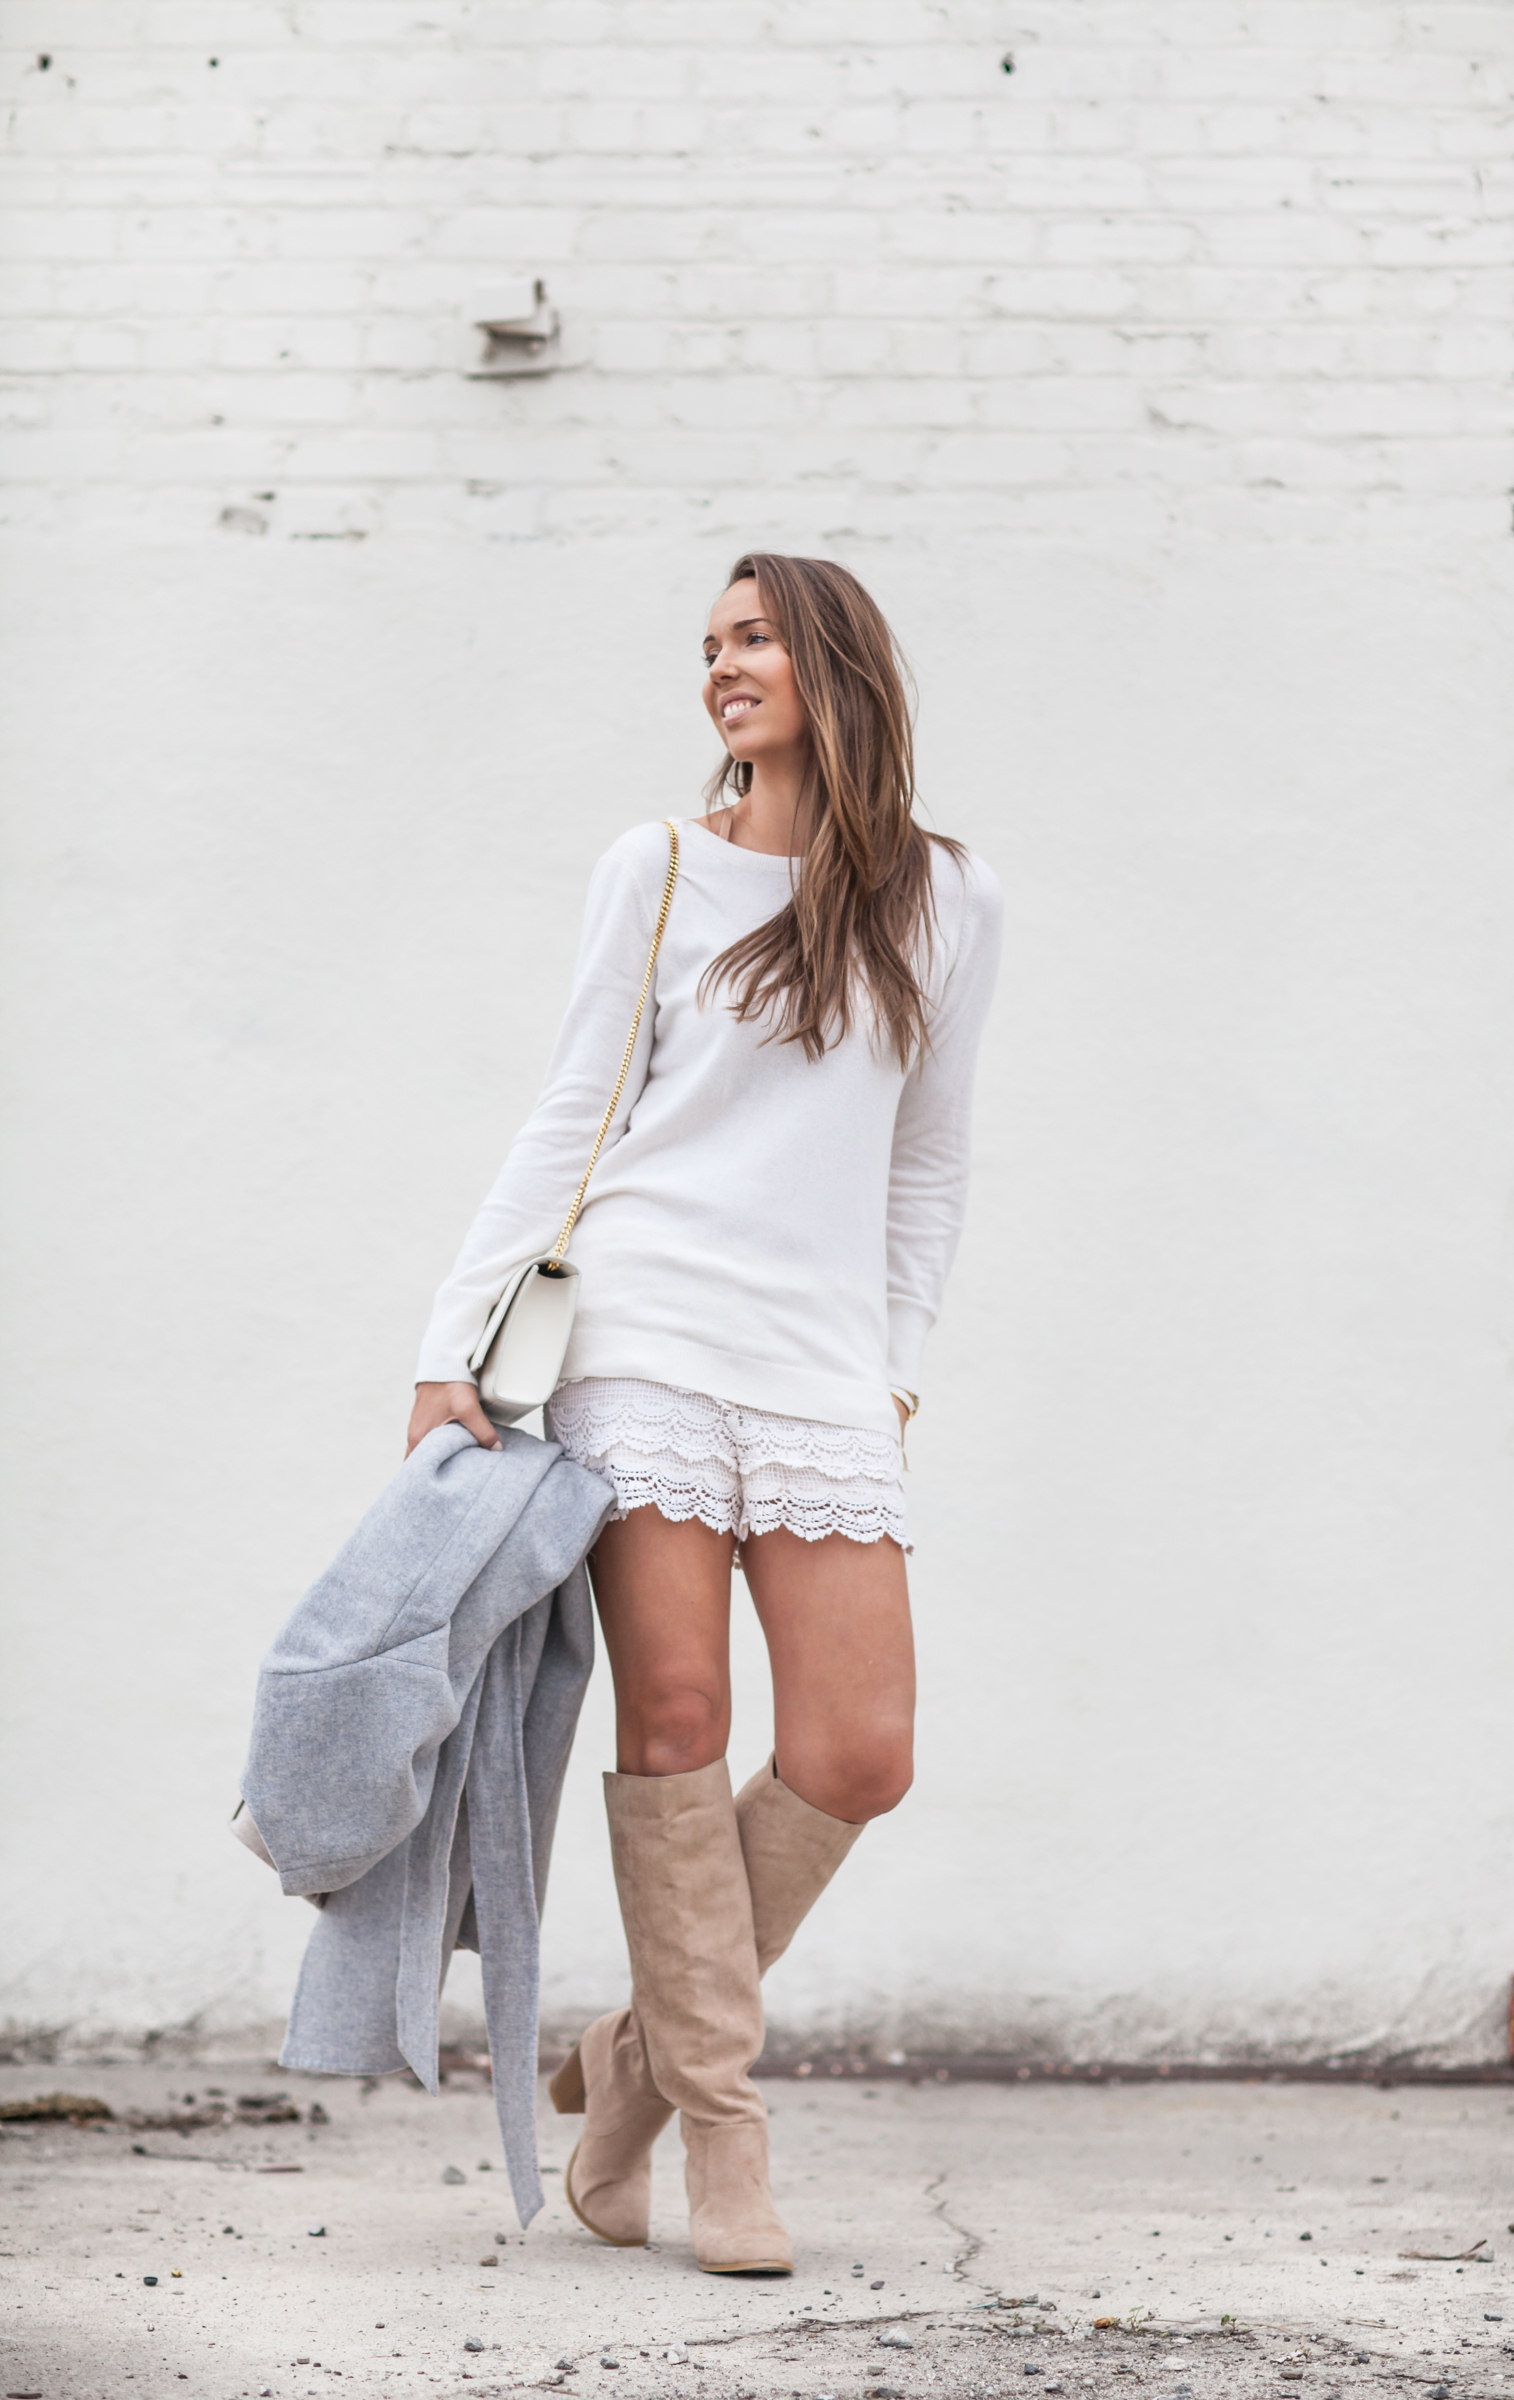 harmaa takki pitsisortsit valkoinen paita lon beach-5522